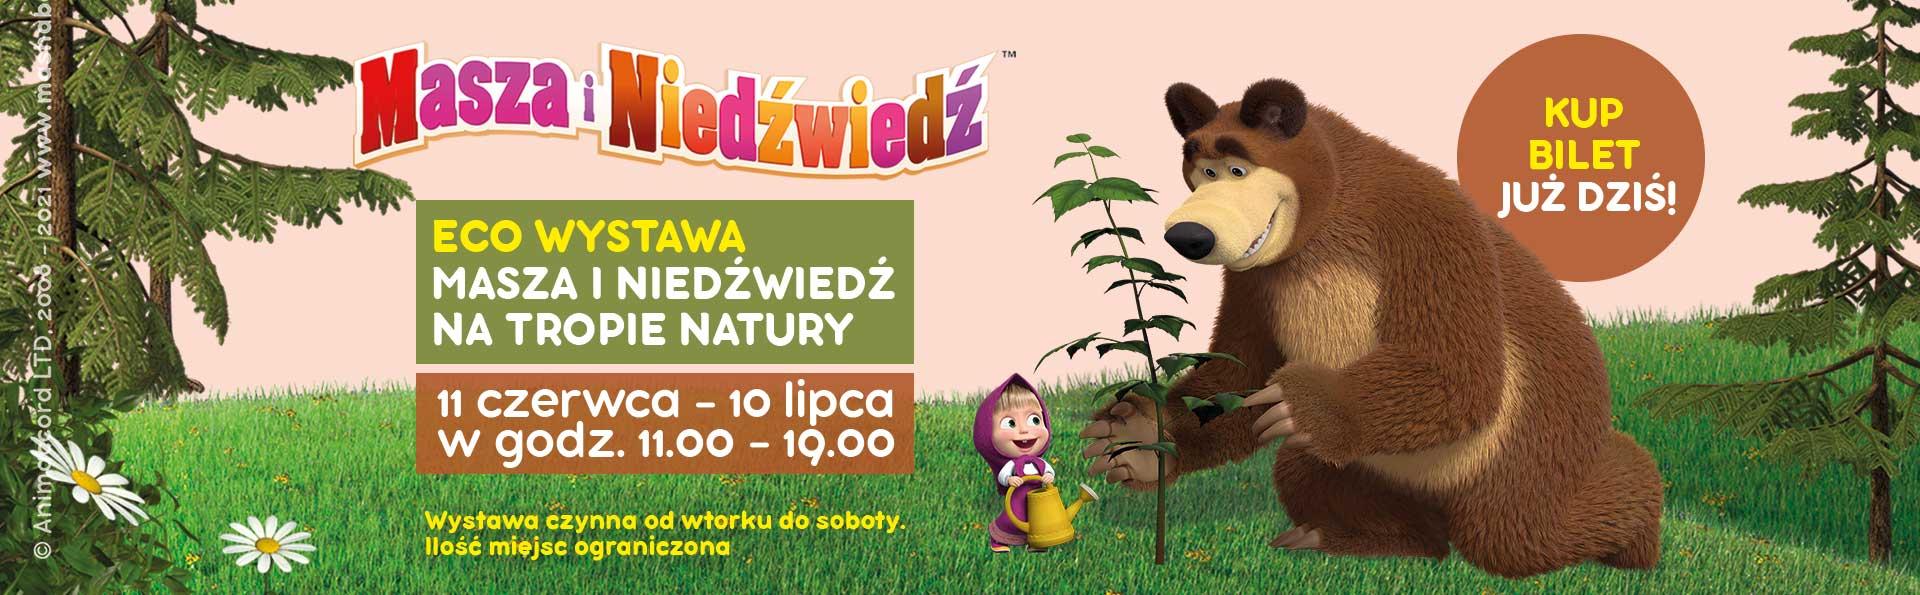 Wystawa Masza i Niedźwiedź